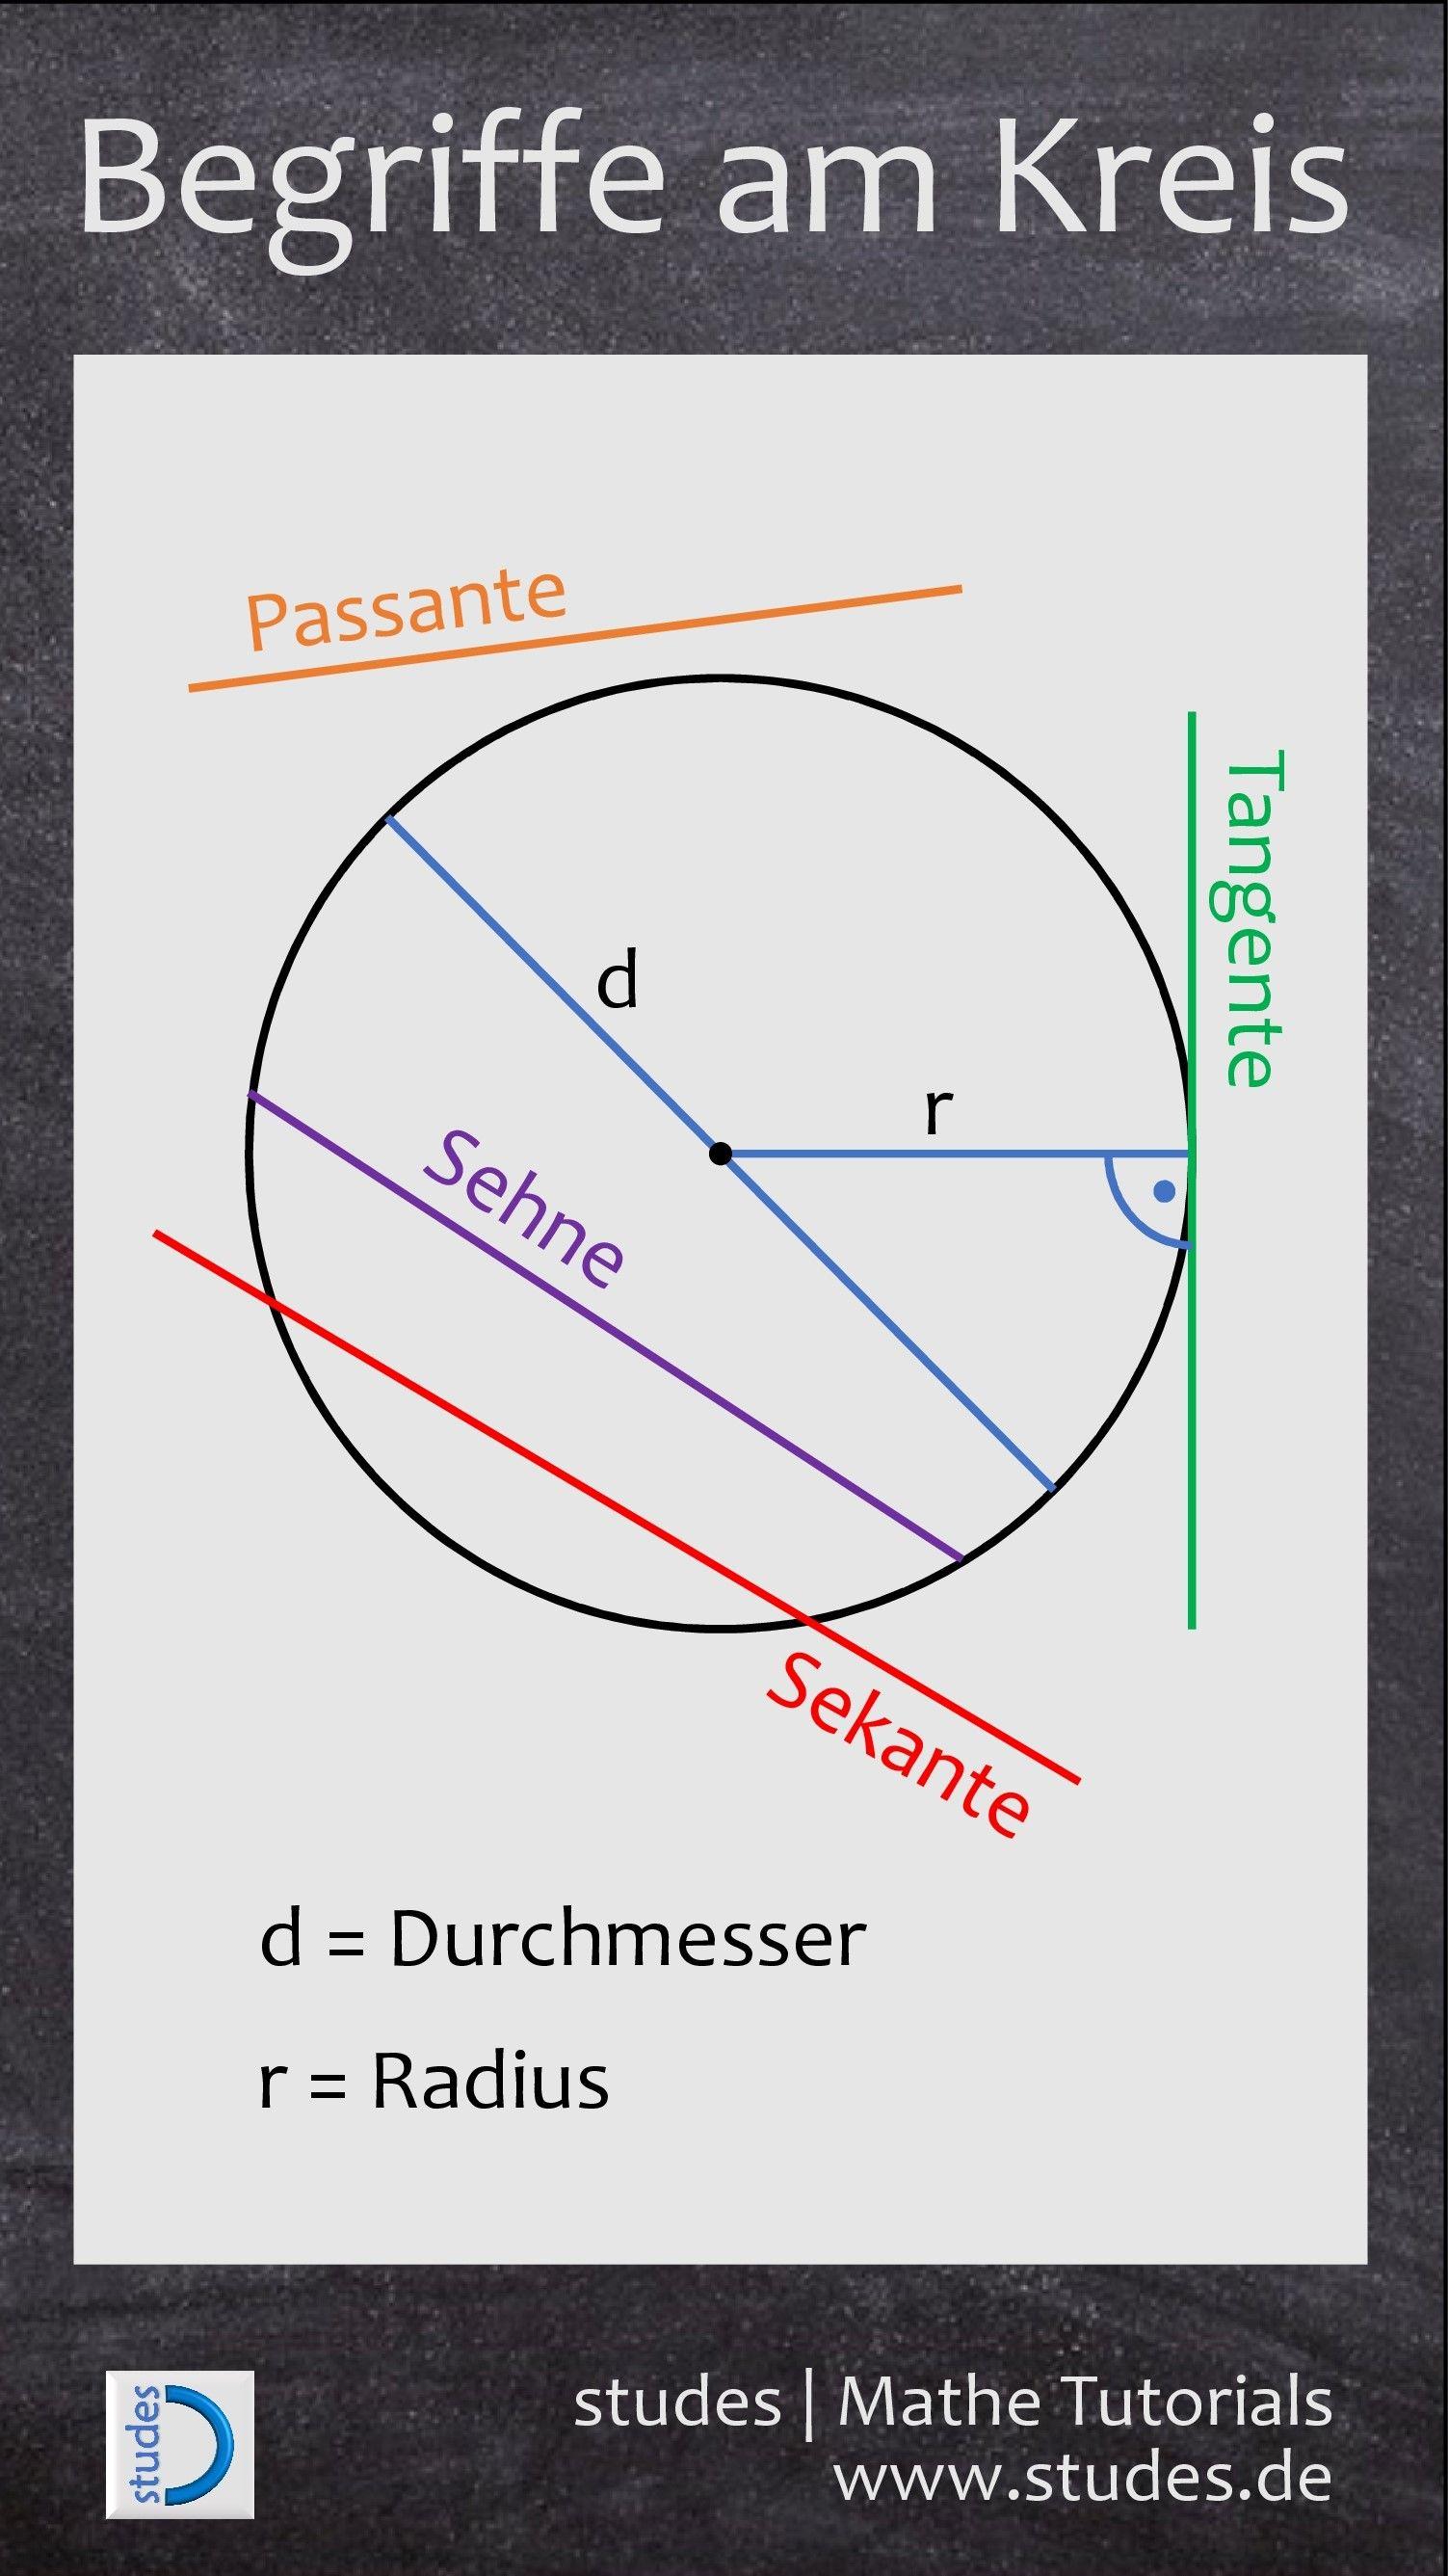 Begriffe am Kreis | Wissenswertes | Pinterest | Kreise, Mathe und ...